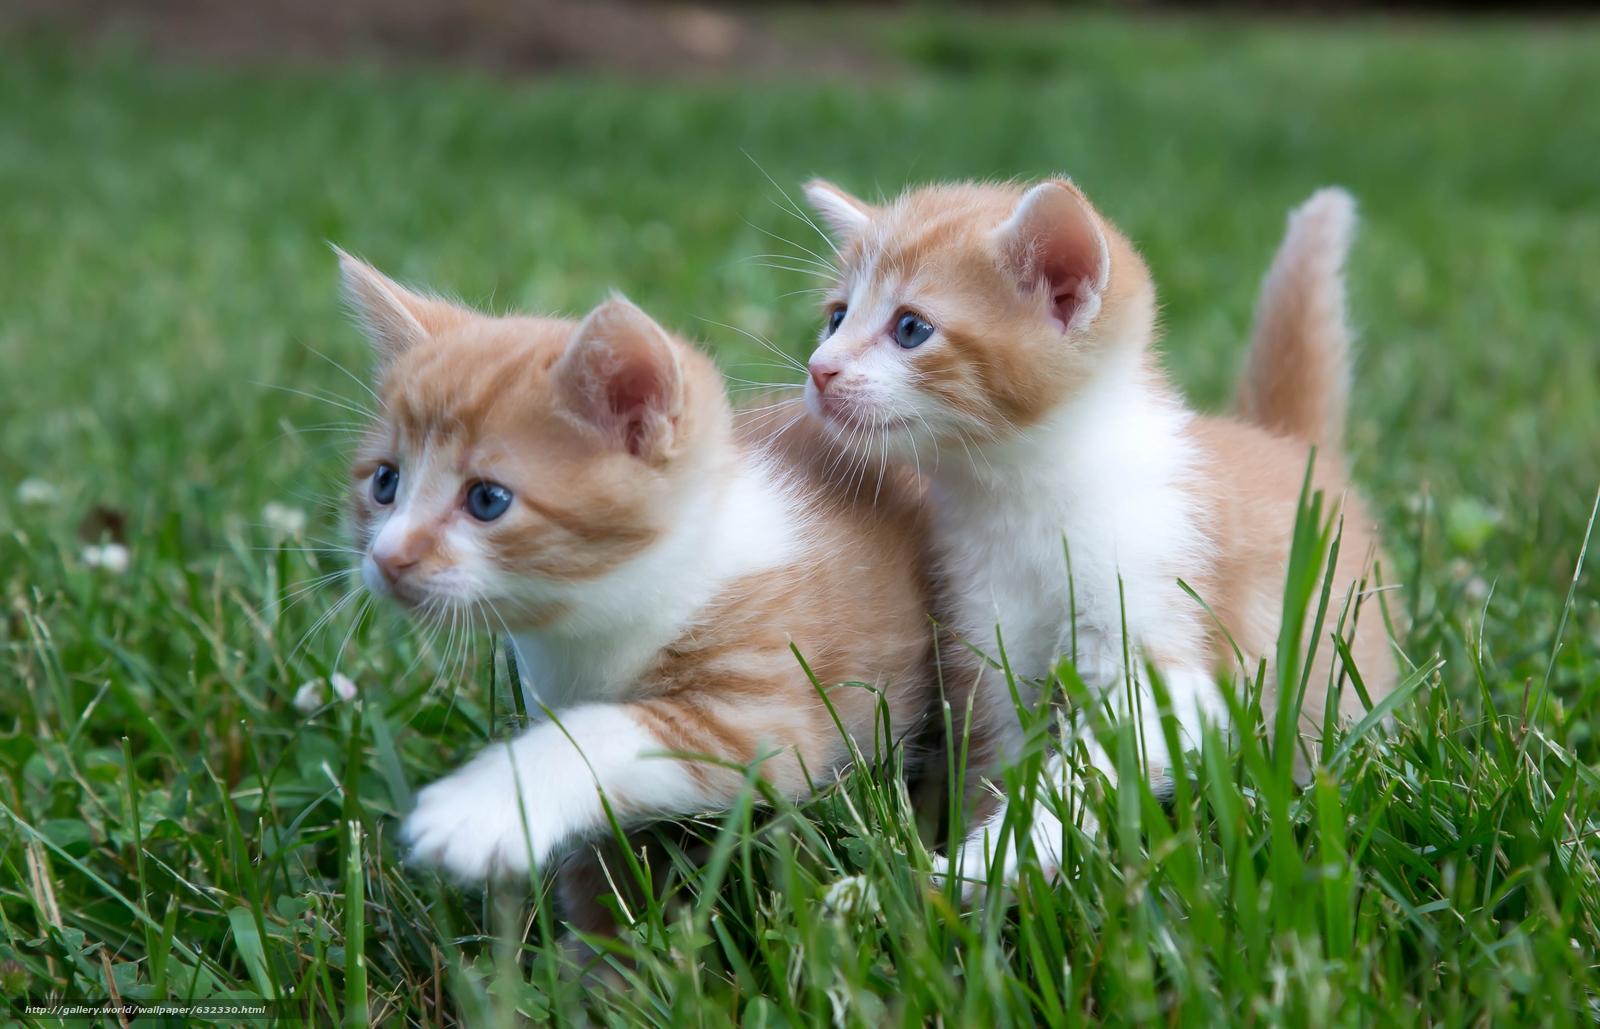 Скачать обои котята,  малыши,  парочка,  двойняшки бесплатно для рабочего стола в разрешении 4822x3101 — картинка №632330